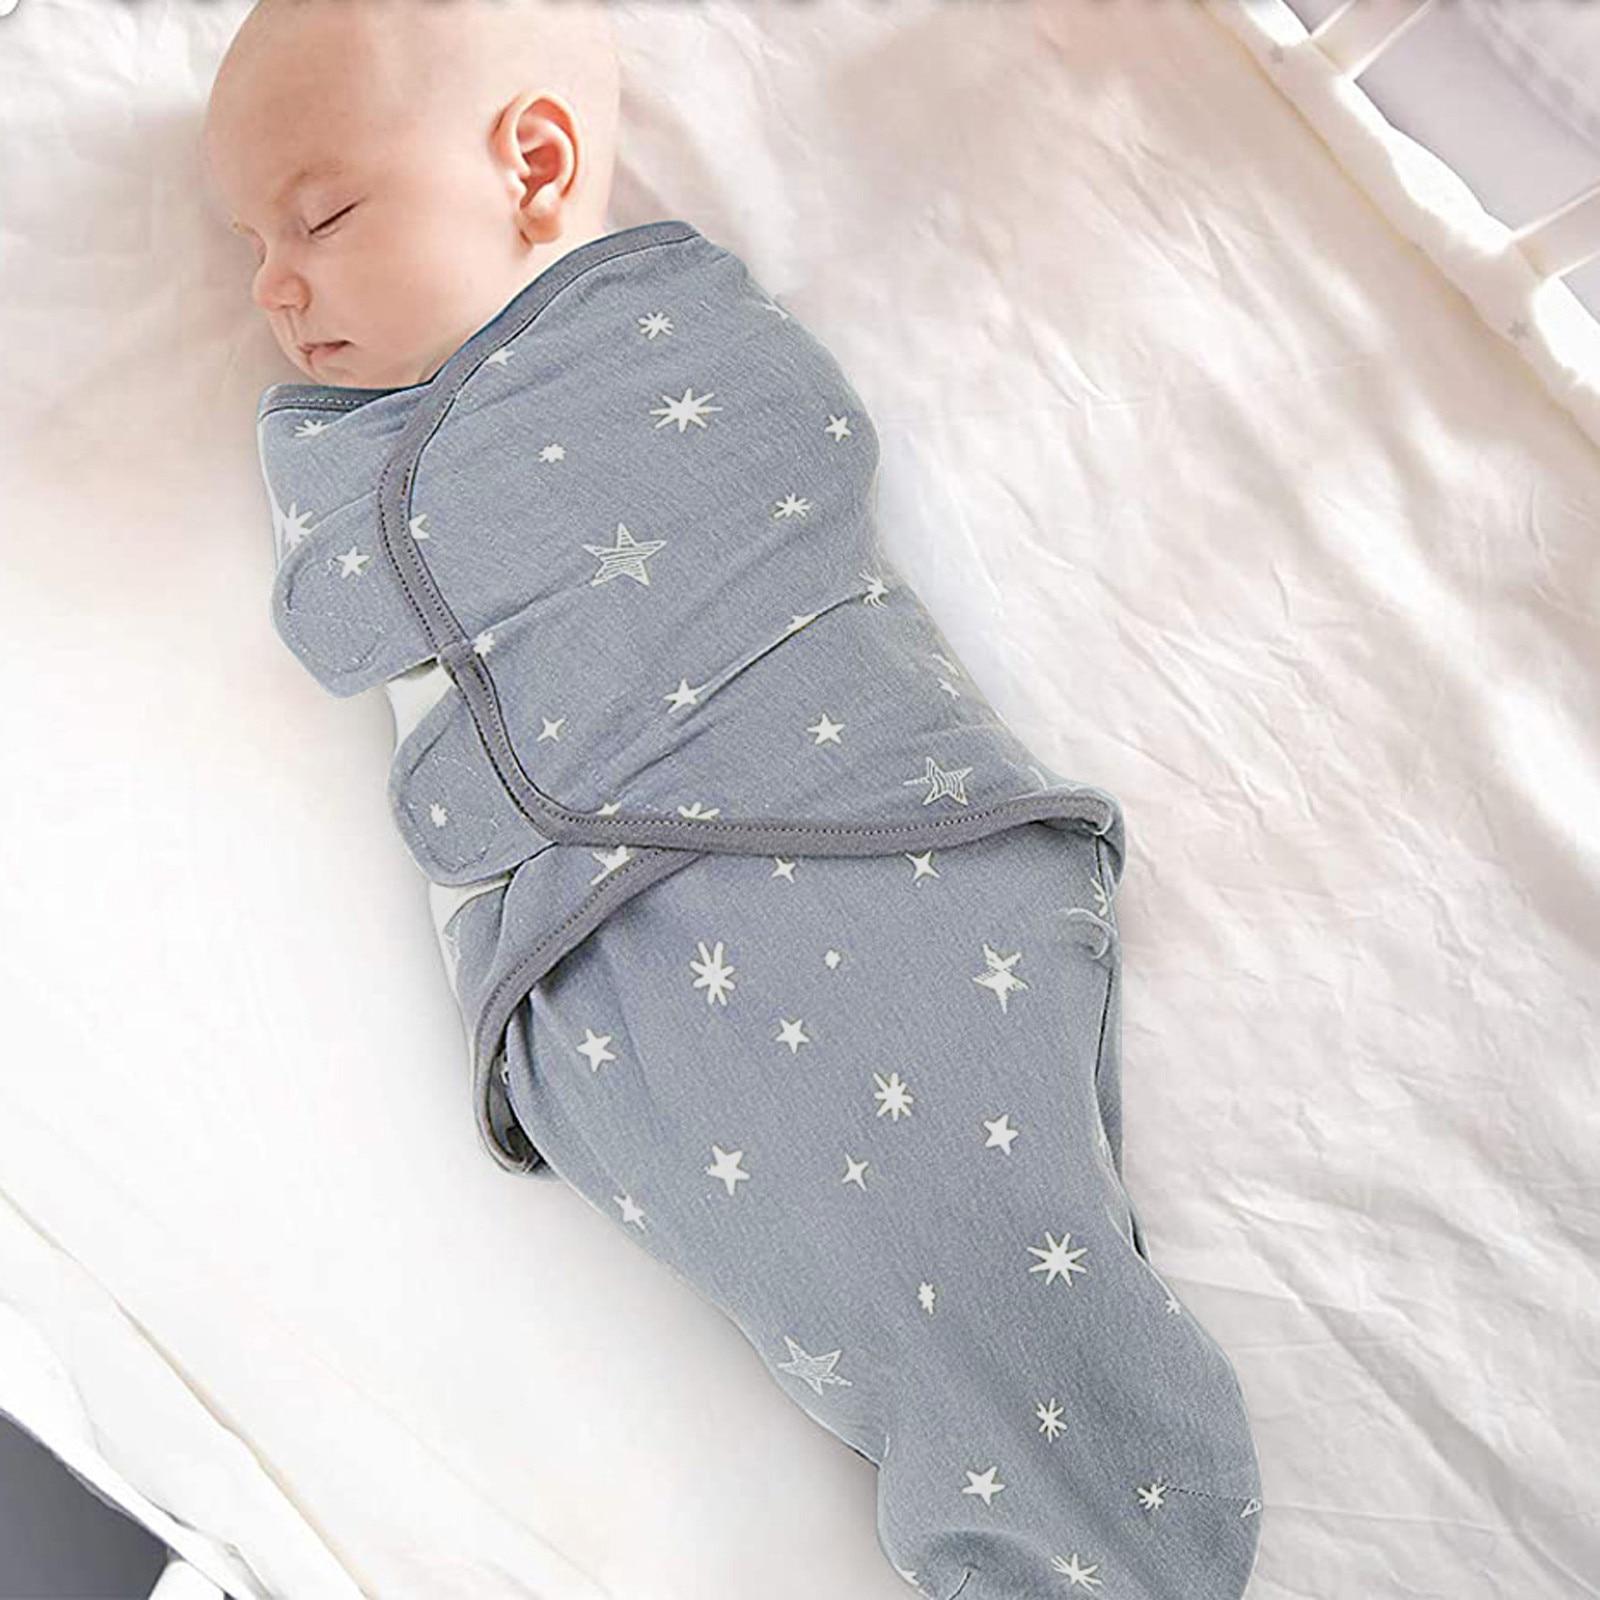 Baby Newborn Blanket 0-3 Months Organic Cotton Stars Stripe Swaddle baby blankets newborn muslin swaddle Summer blankets #4